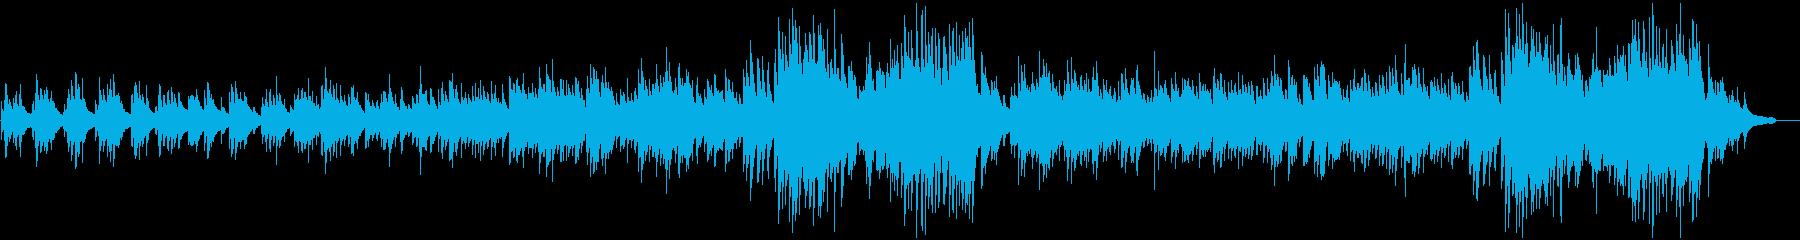 ピアノソロ:カフェのようなおしゃれさの再生済みの波形